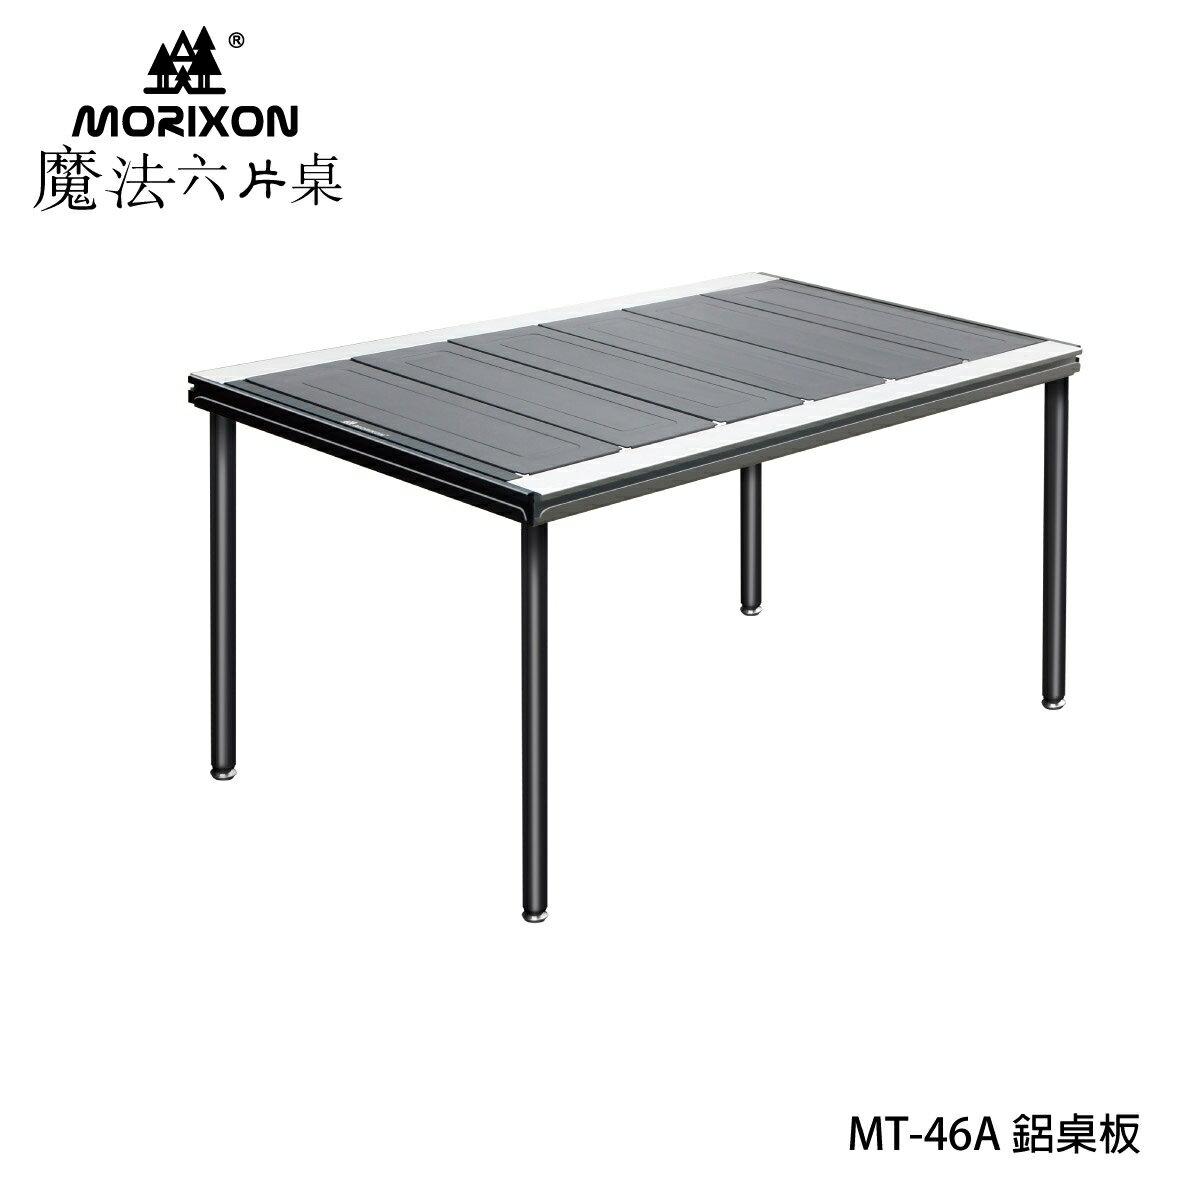 台灣專利【Morixon】魔法六片桌-鋁合金桌板 MT-46A 摺疊桌 折疊桌 系統桌 組合桌 拼接桌 露營桌 戶外桌